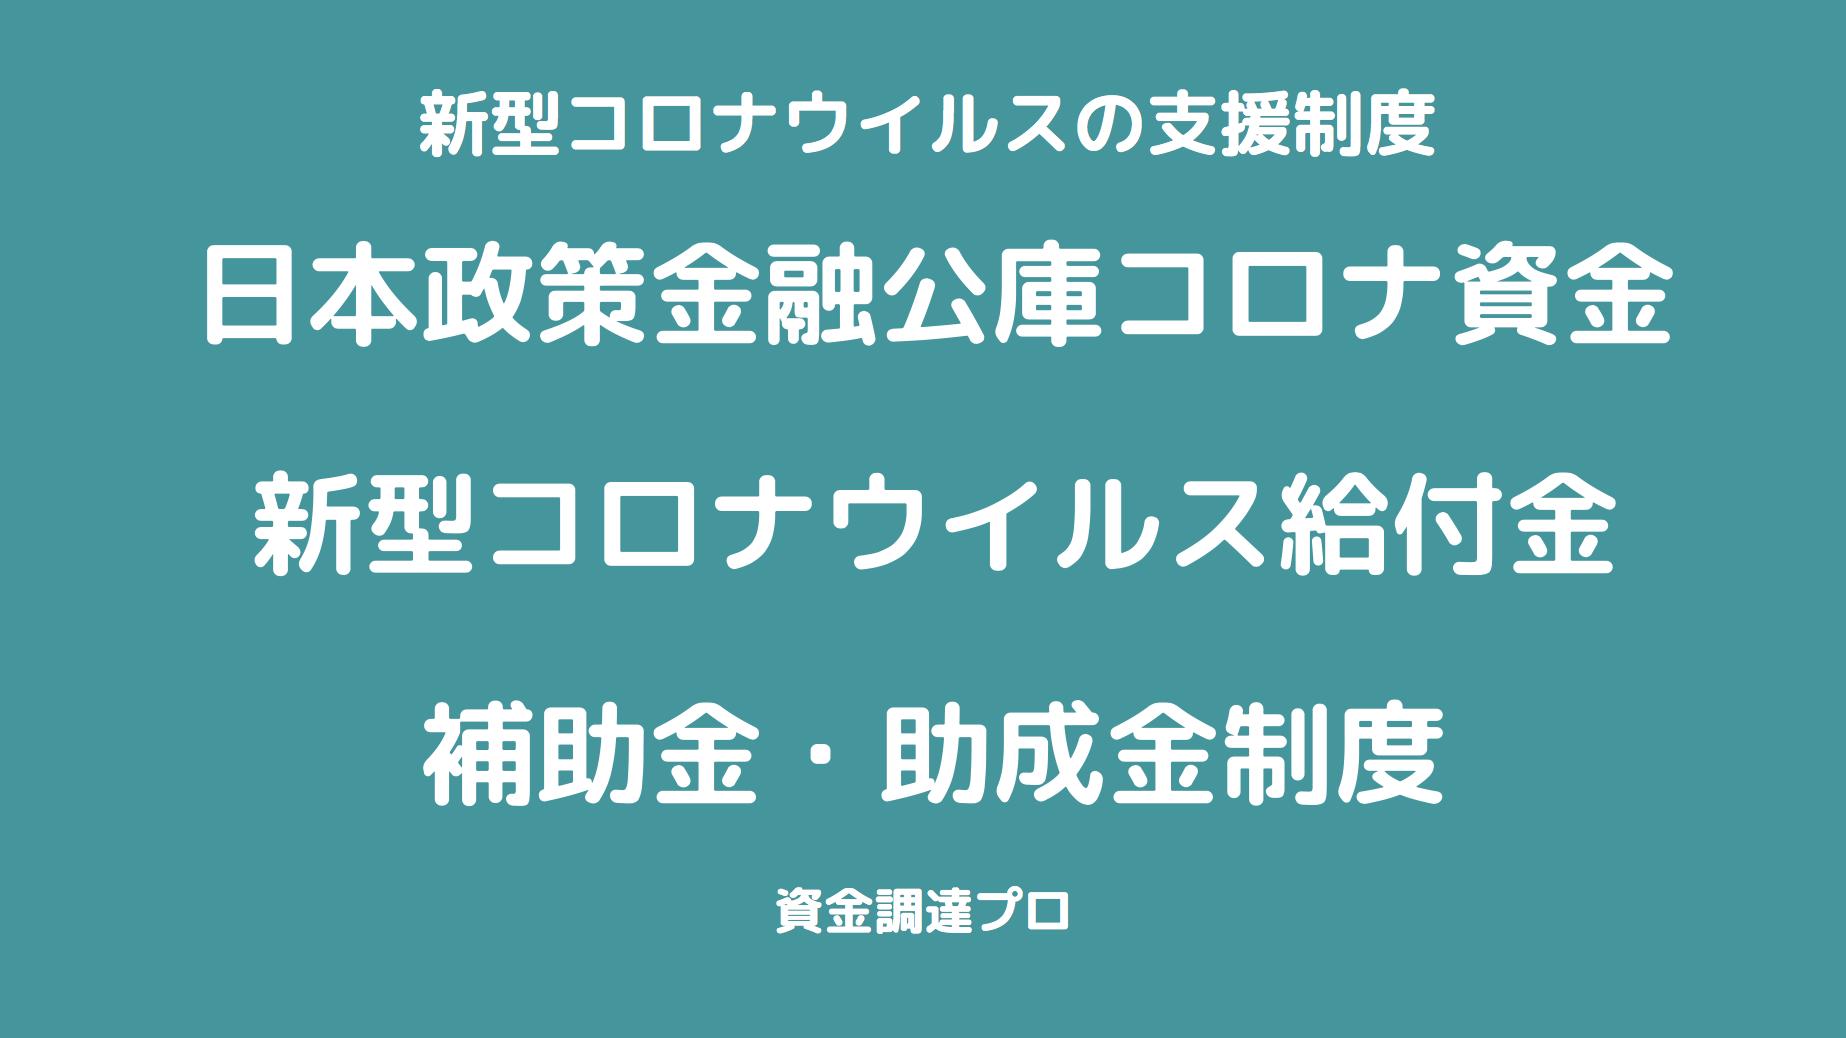 日本政策金融公庫, 日本政策金融公庫コロナ, 30万円給付, 中小企業200万円, 個人事業主100万円, 緊急経済対策, コロナウイルス